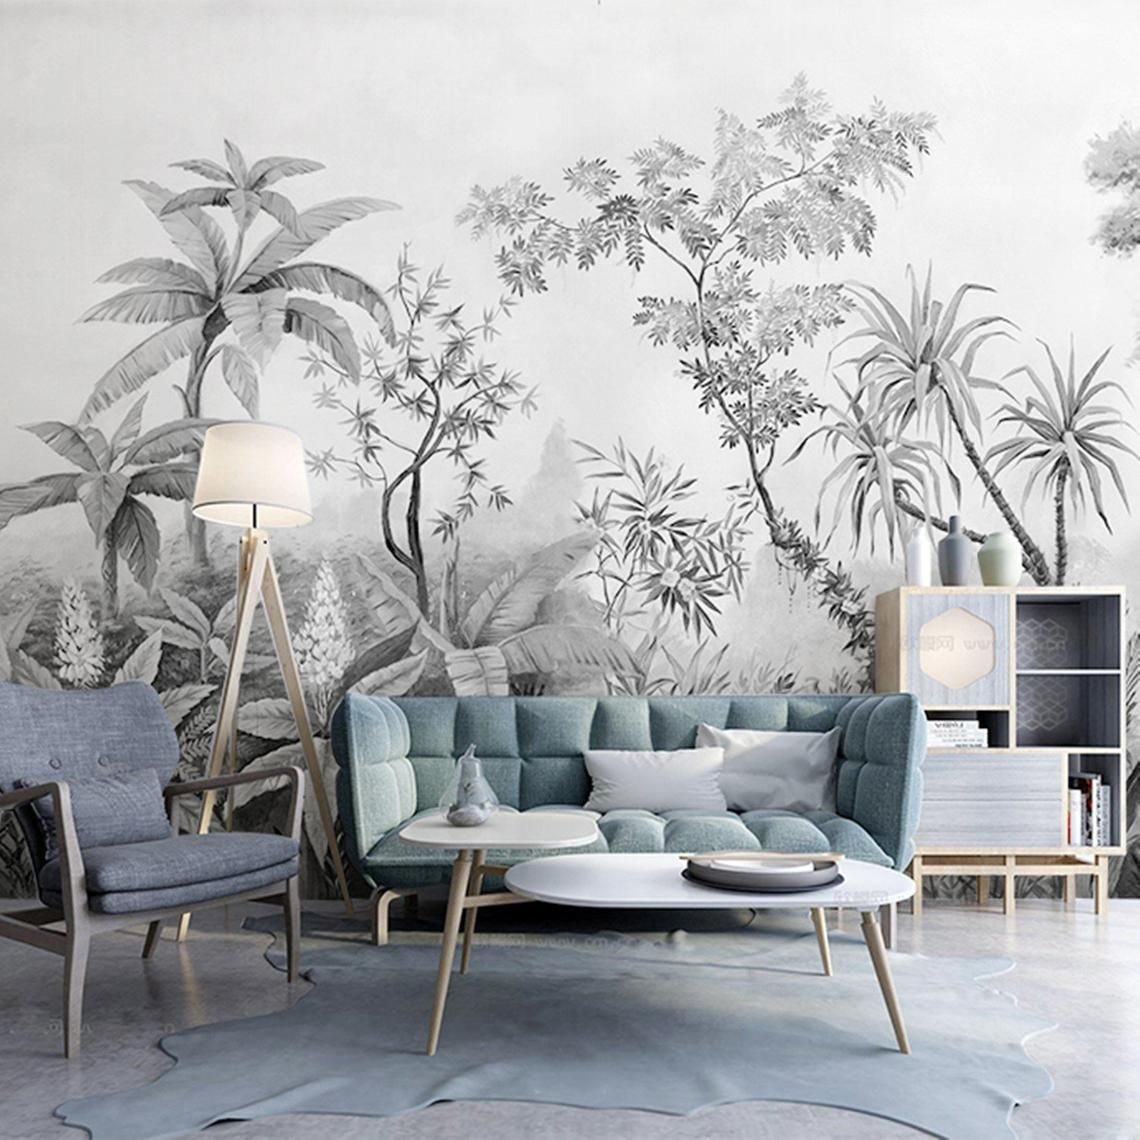 Vliesbehang's exclusive specialty is the Wallpaper (Behang)